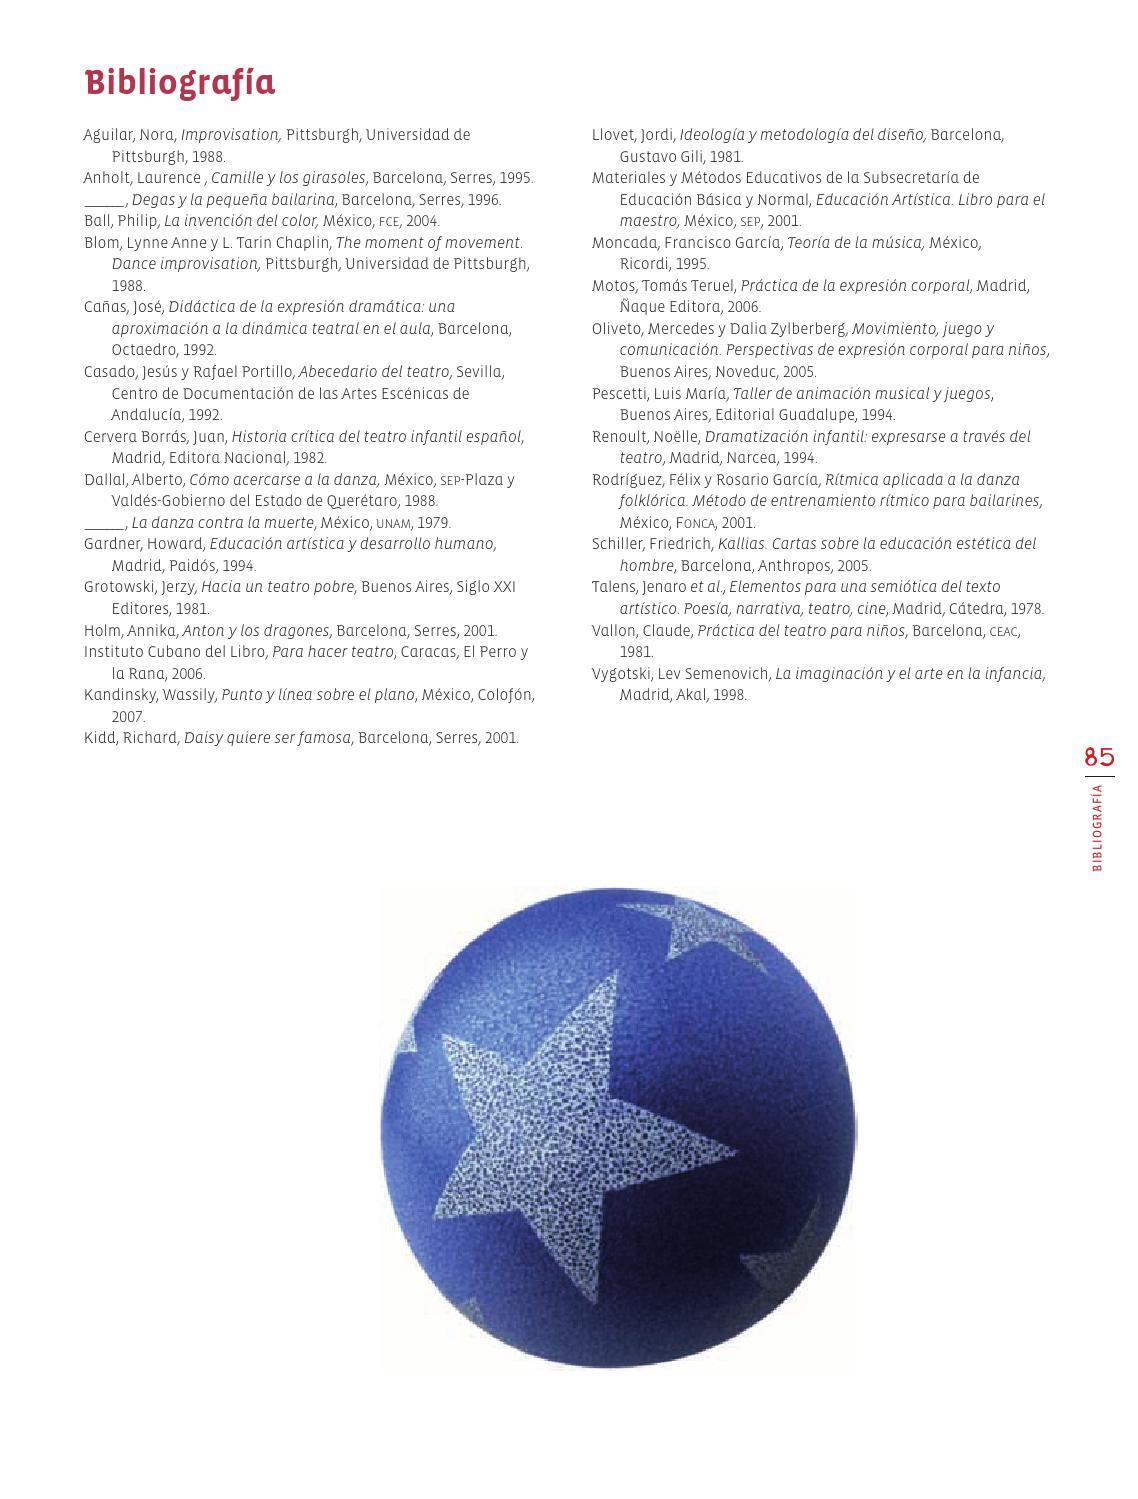 Bibliografía - Eduación Artística 3ro Bloque 5 2014-2015